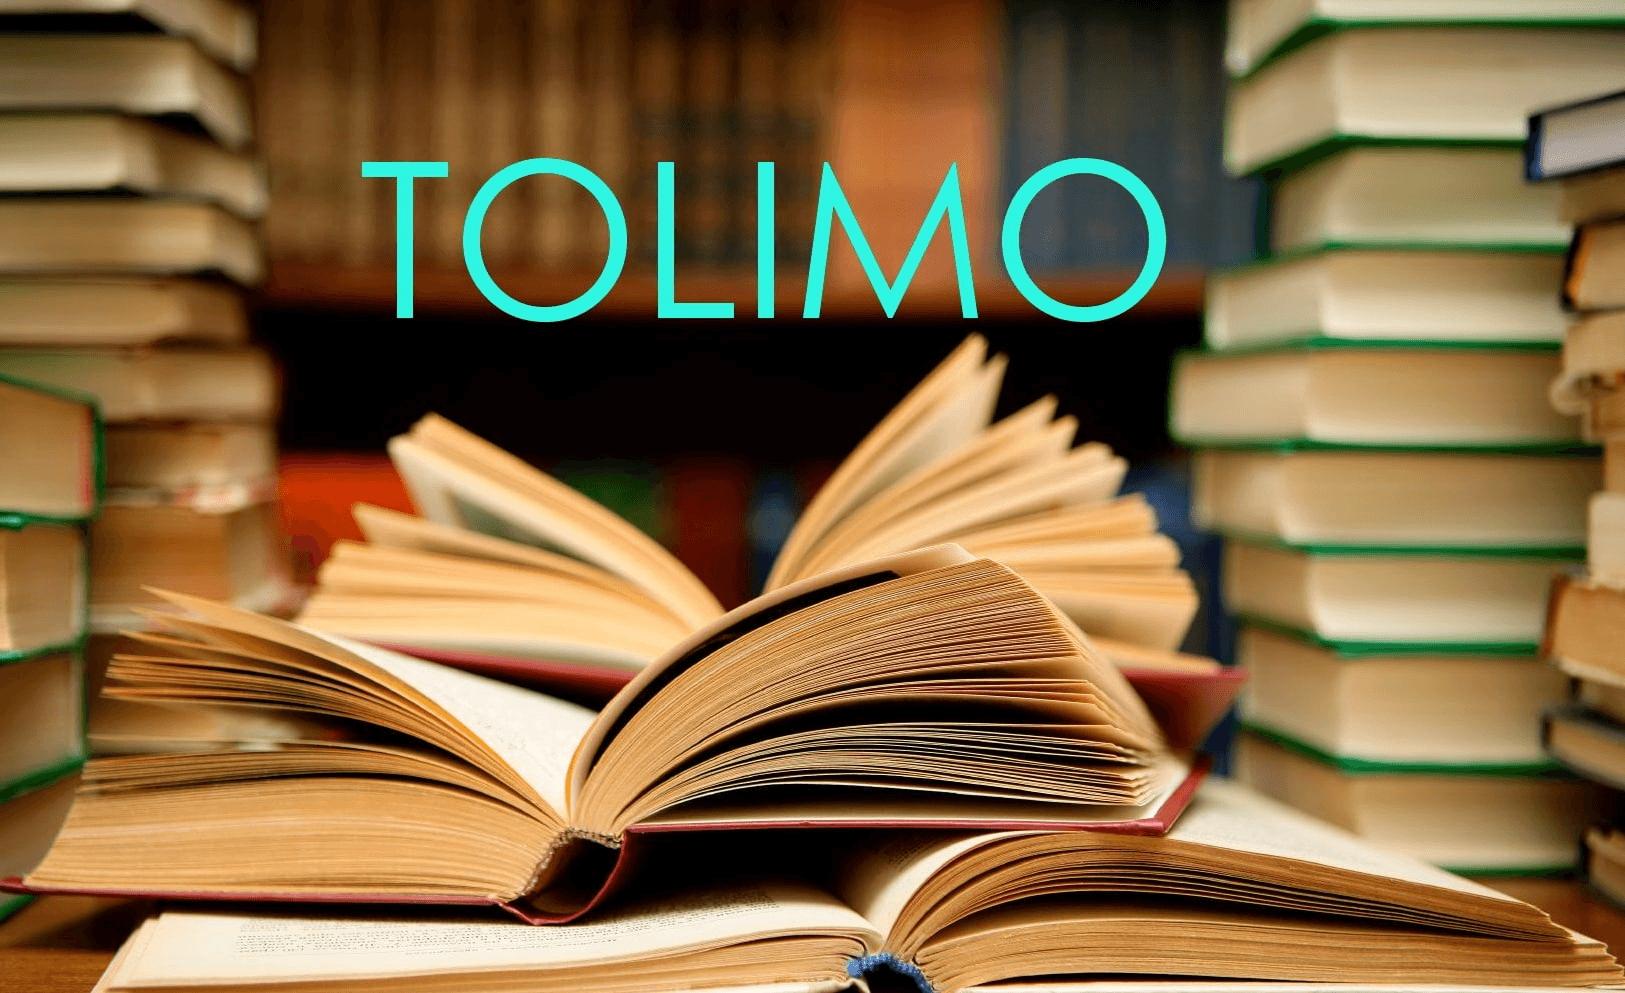 آزمون تولیمو TOLIMO چیست ؟ | آشنایی با آزمون تولیمو TOLIMO | آیلتس وینرز